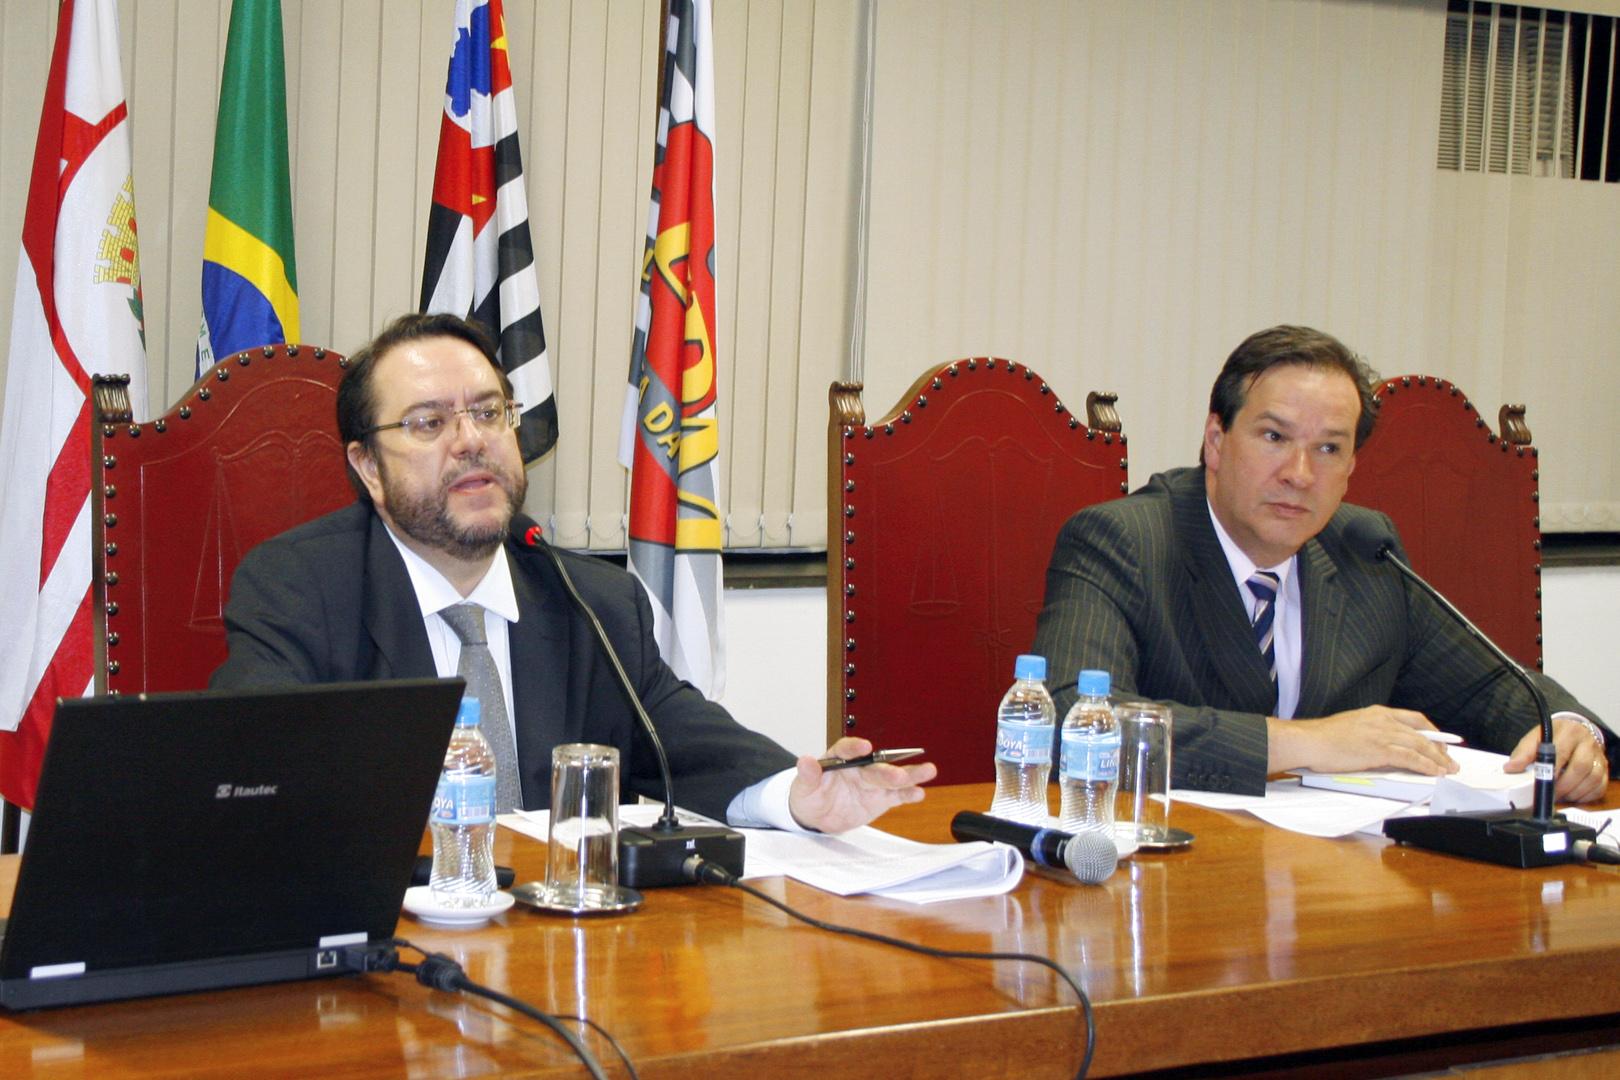 Locação urbana é estudada no curso de Direito Processual Civil